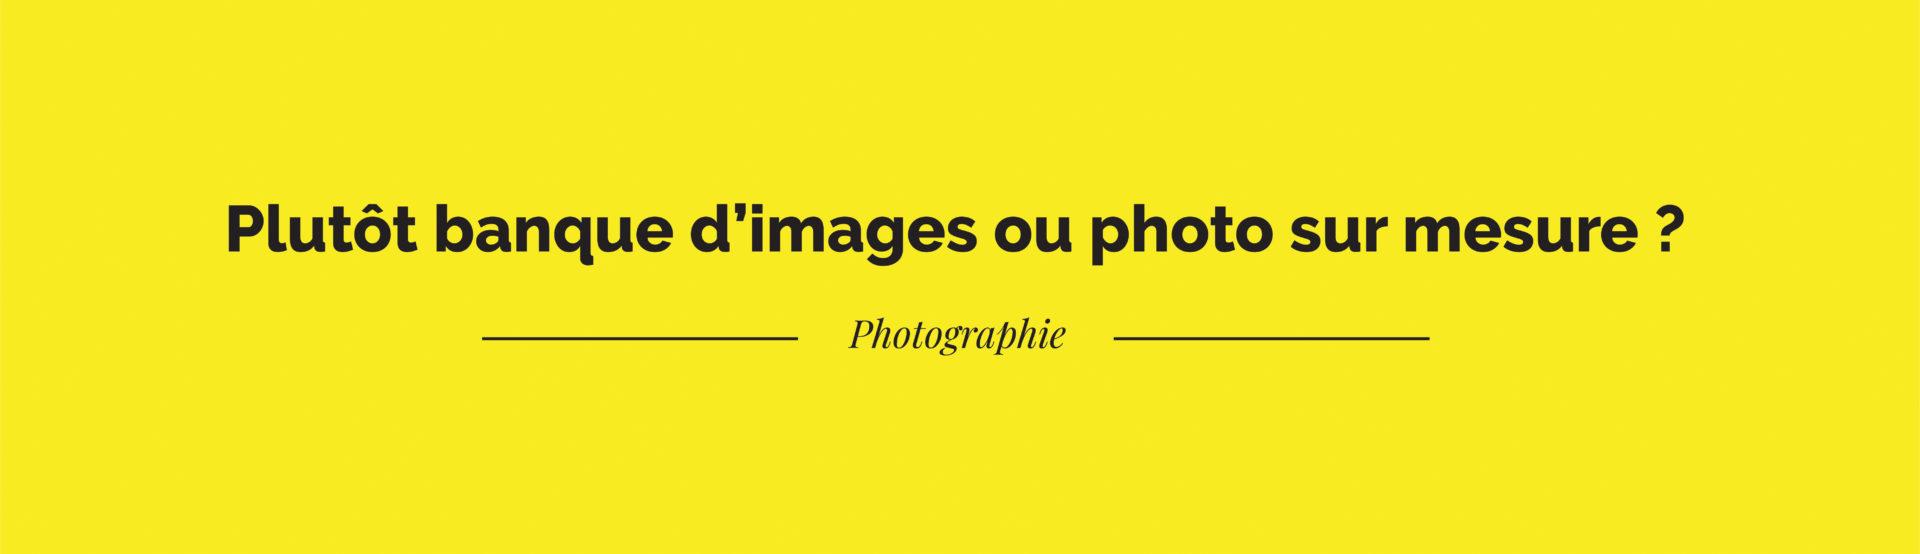 Plutot banque d'images ?